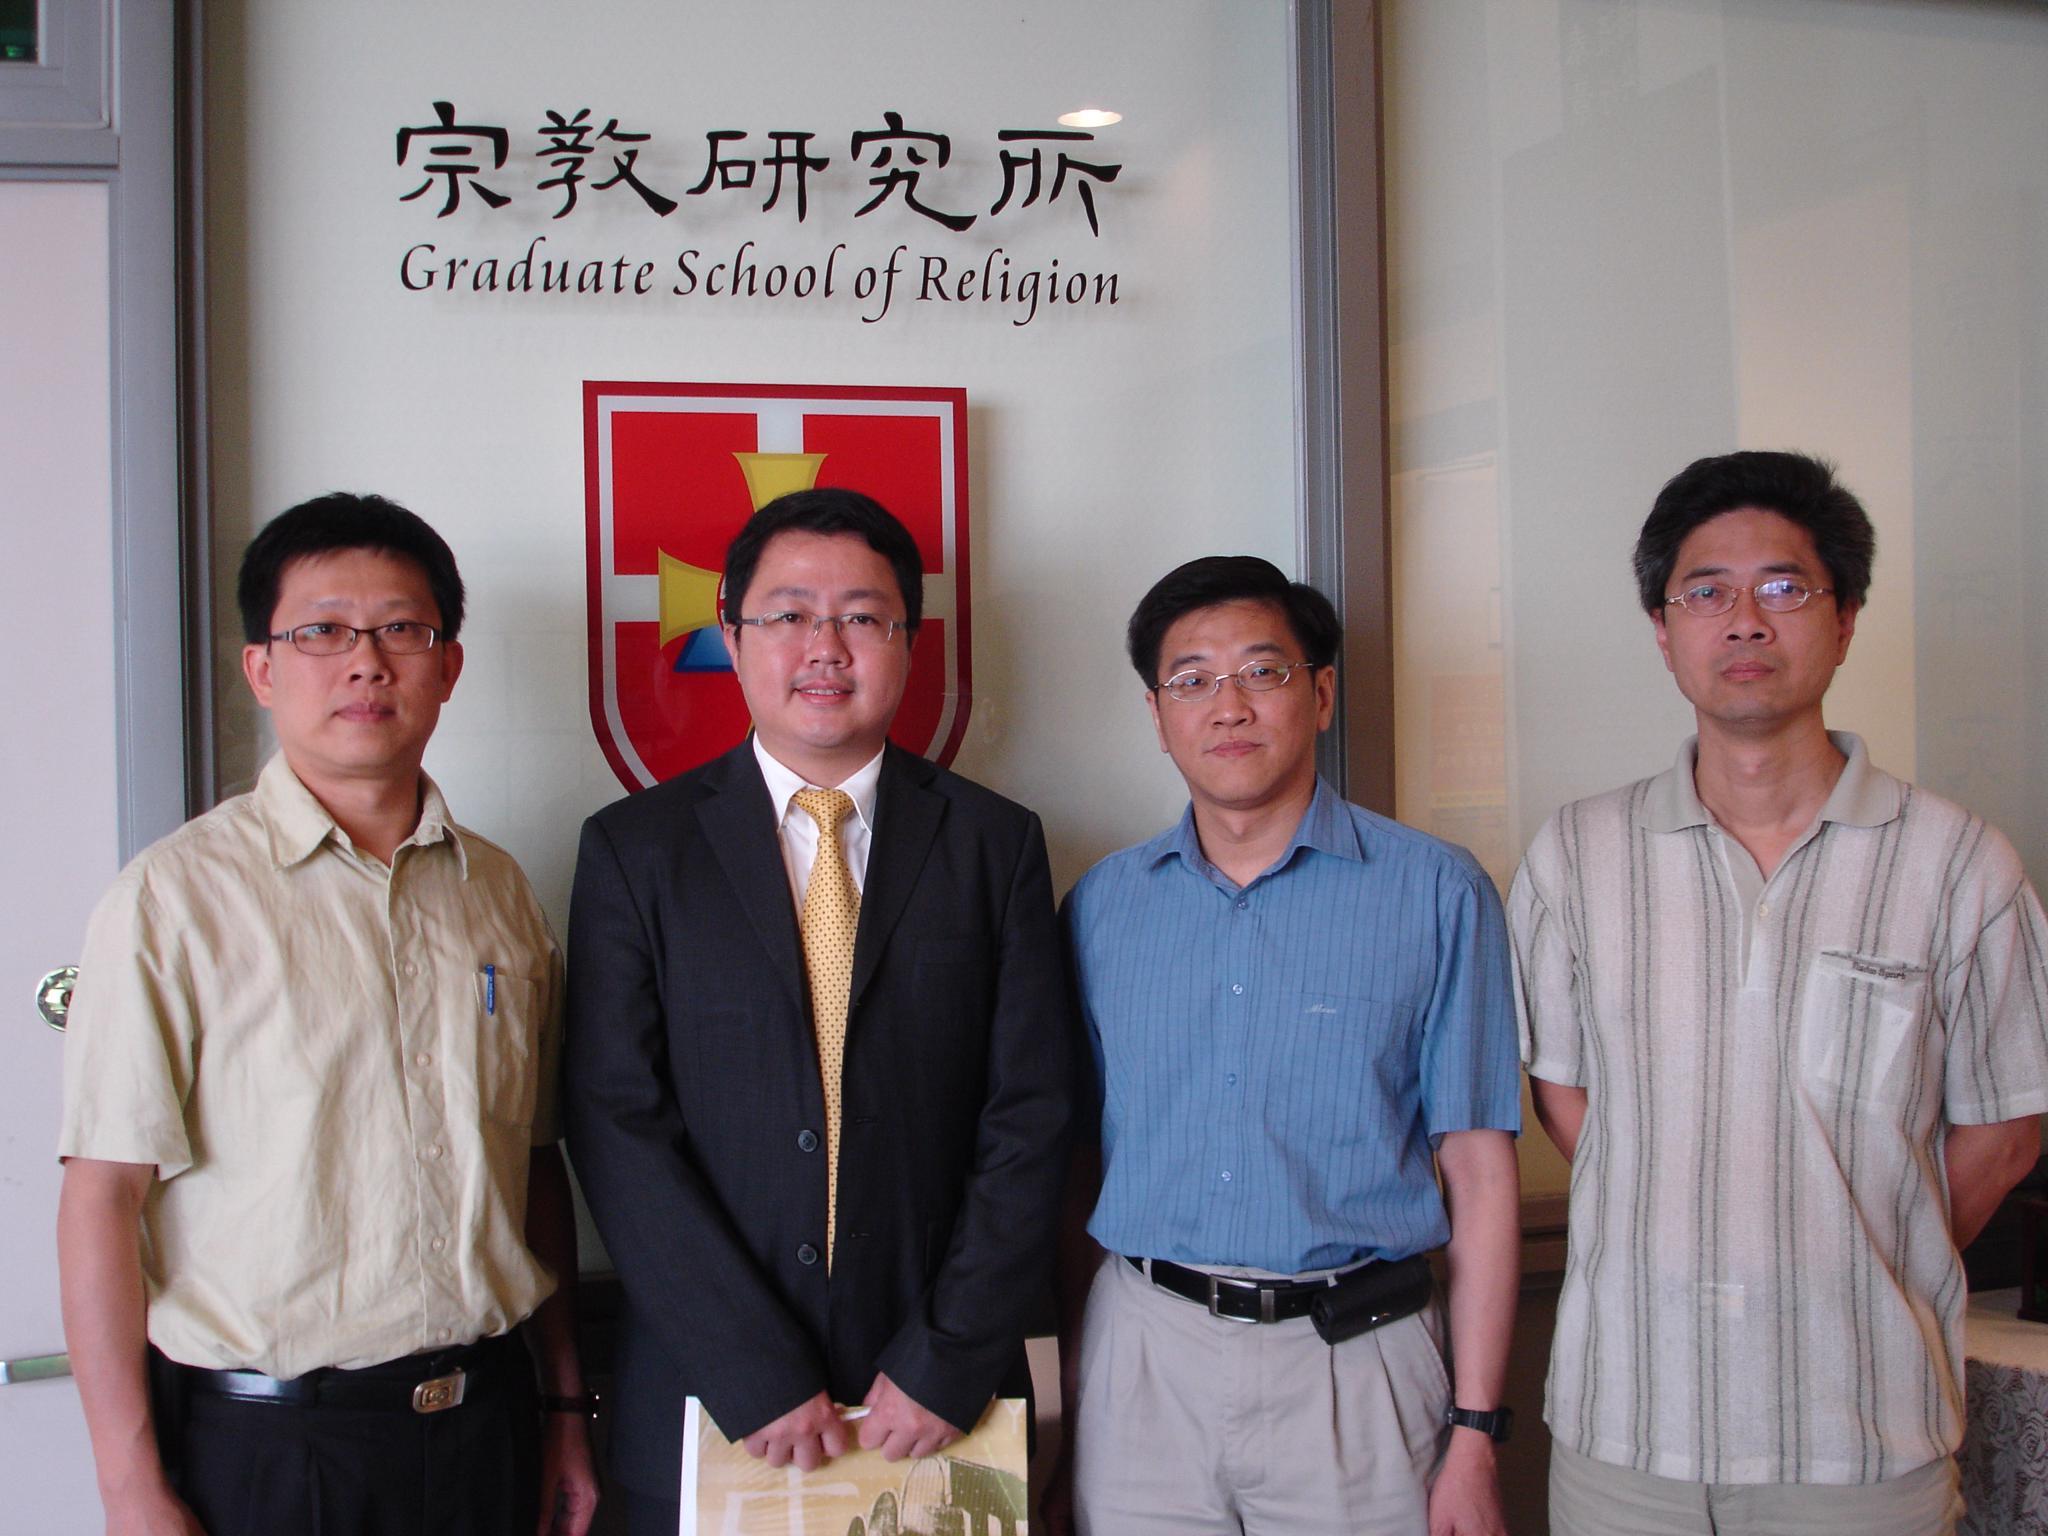 中原宗研所《漢語基督教學術論評》期刊 榮獲A&HCI收錄